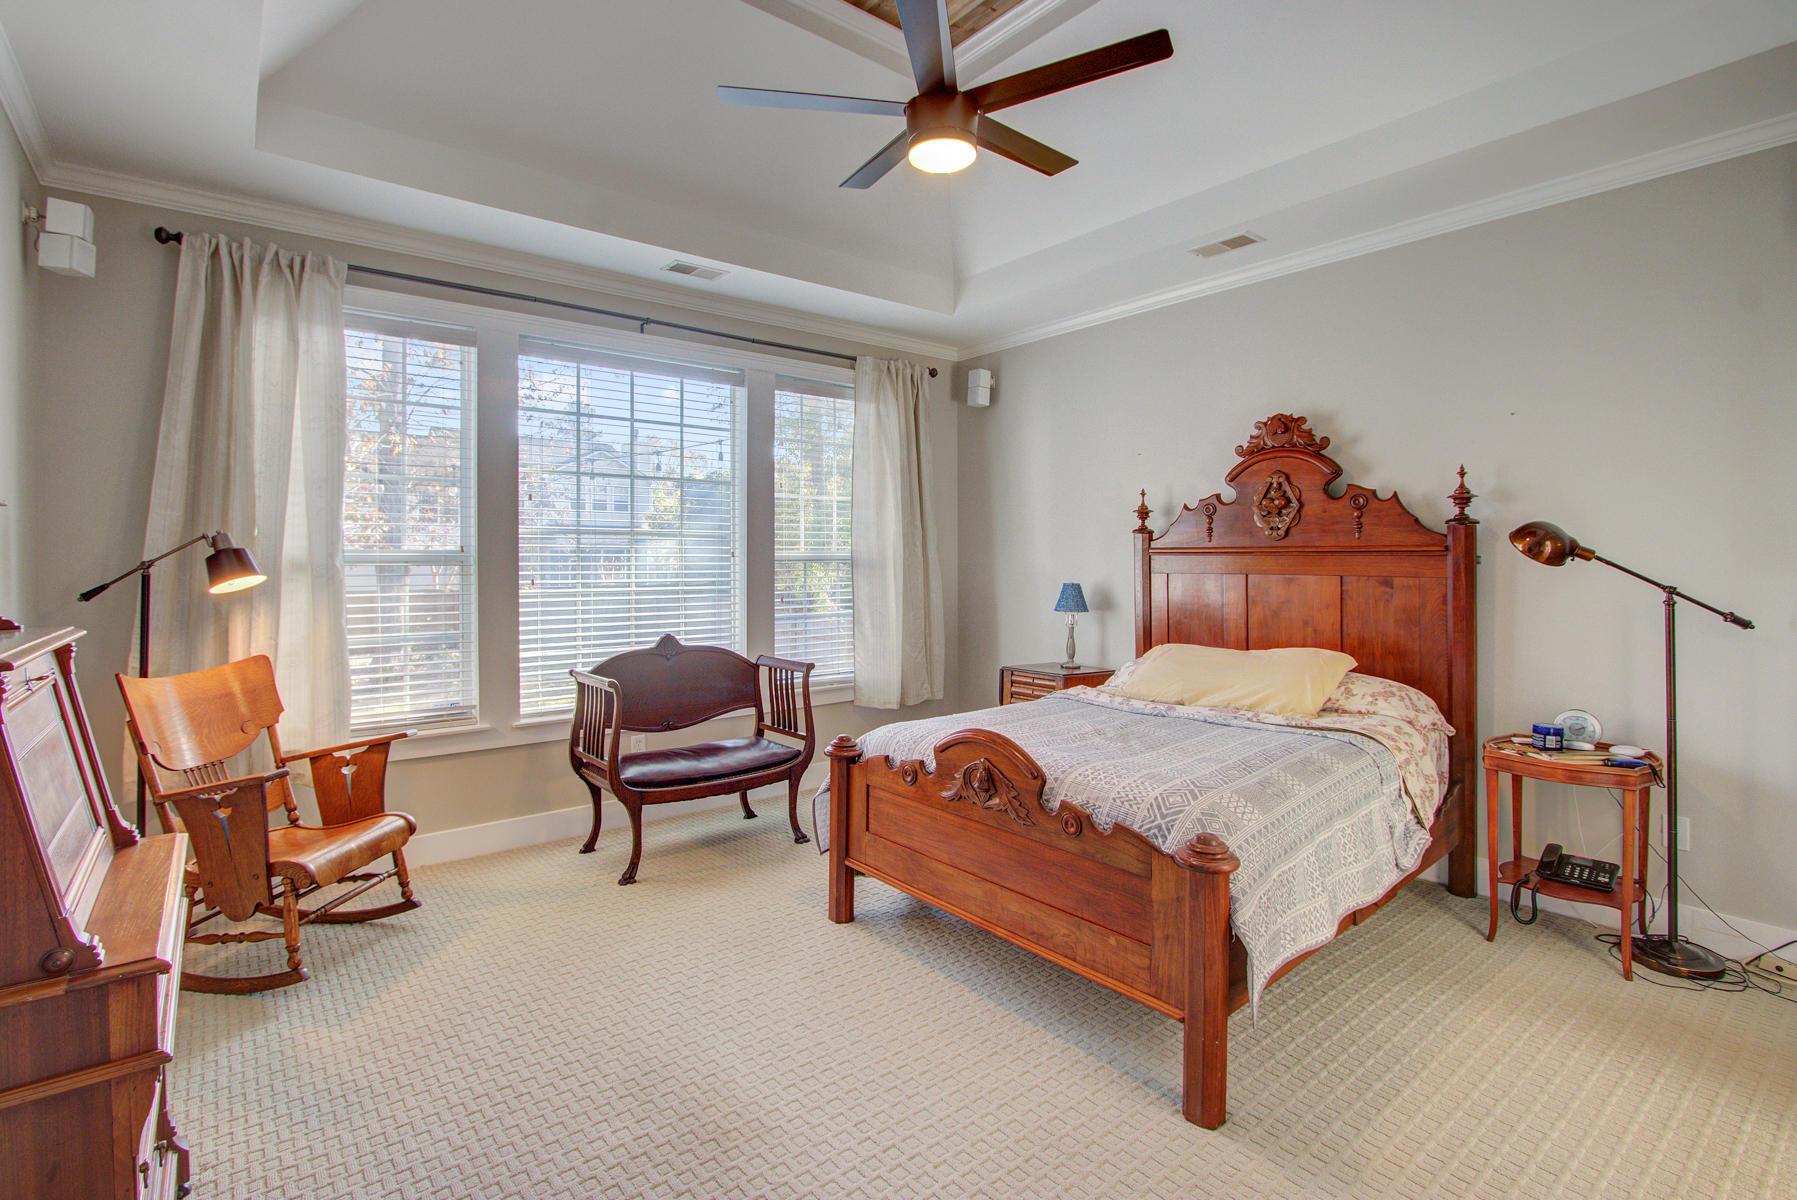 Dunes West Homes For Sale - 2104 Short Grass, Mount Pleasant, SC - 28